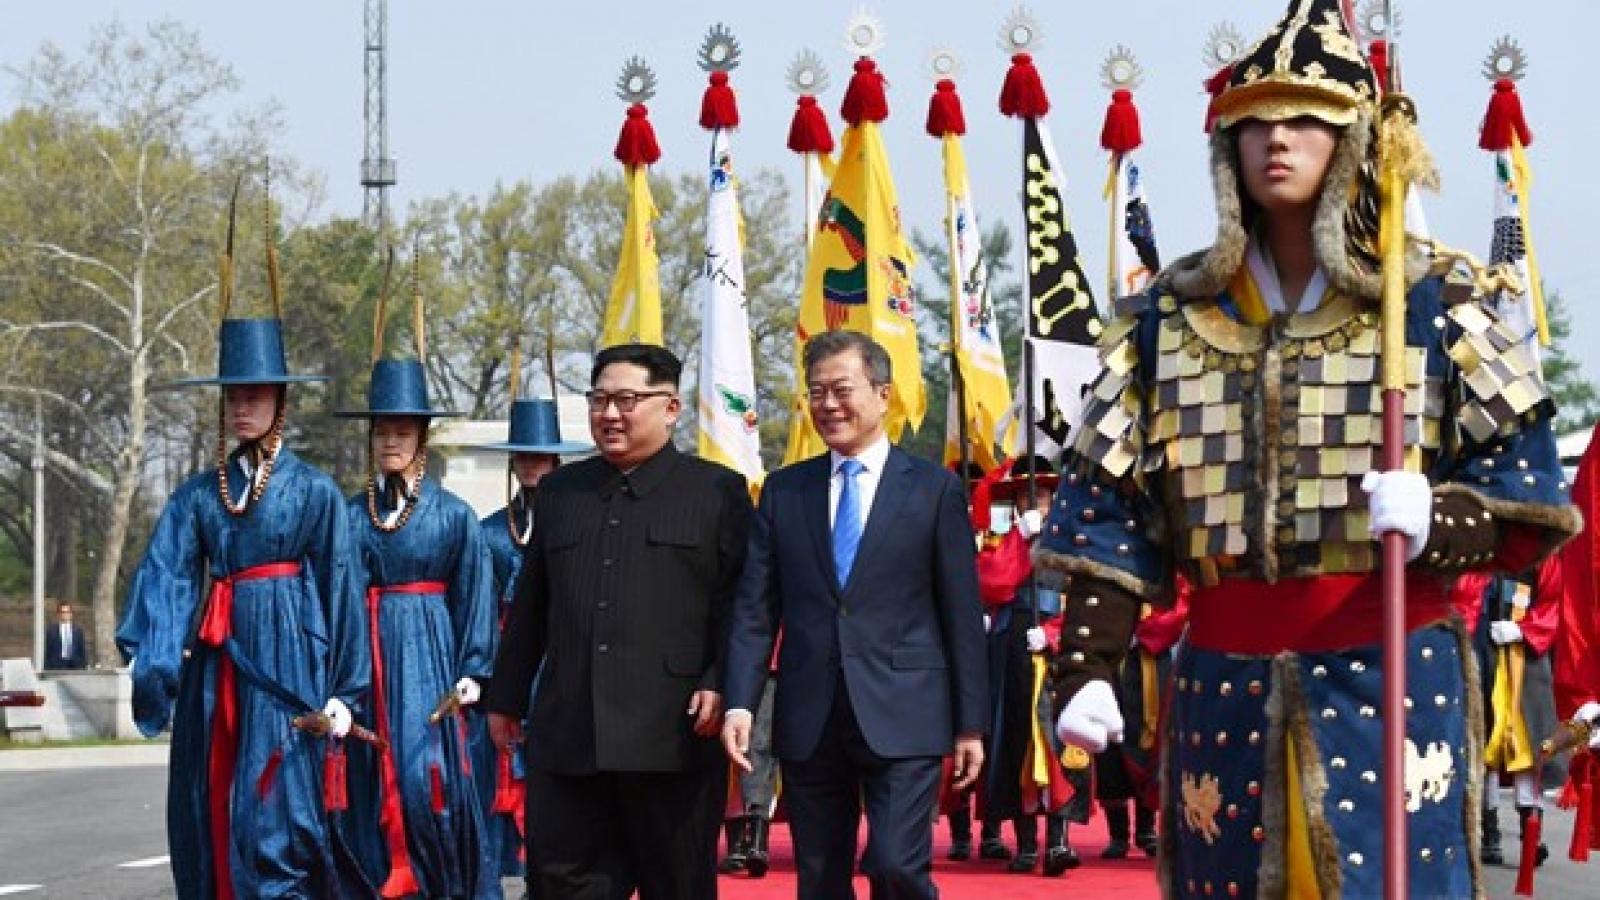 Quốc tế hoan nghênh Triều Tiên và Hàn Quốc nối lại đường dây liên lạc